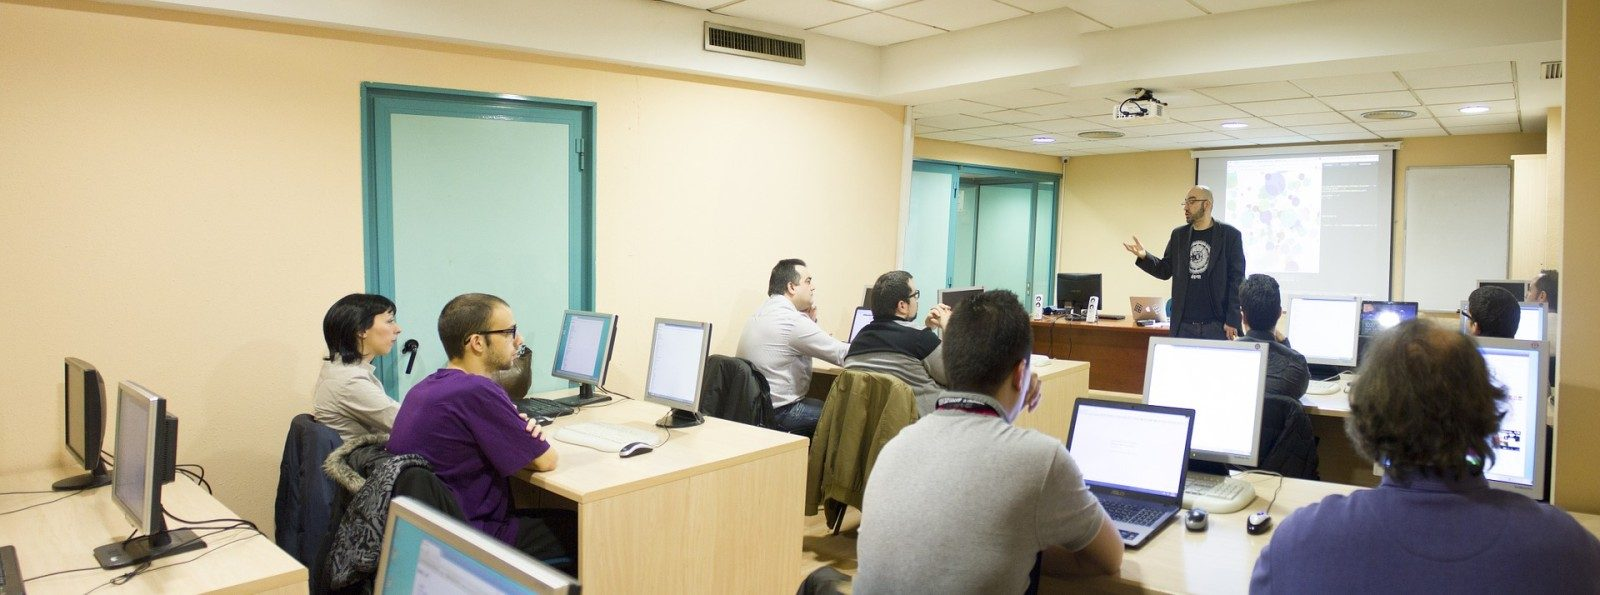 Photo de Formations professionnelles : le CNAM Lorraine propose des réunions d'information